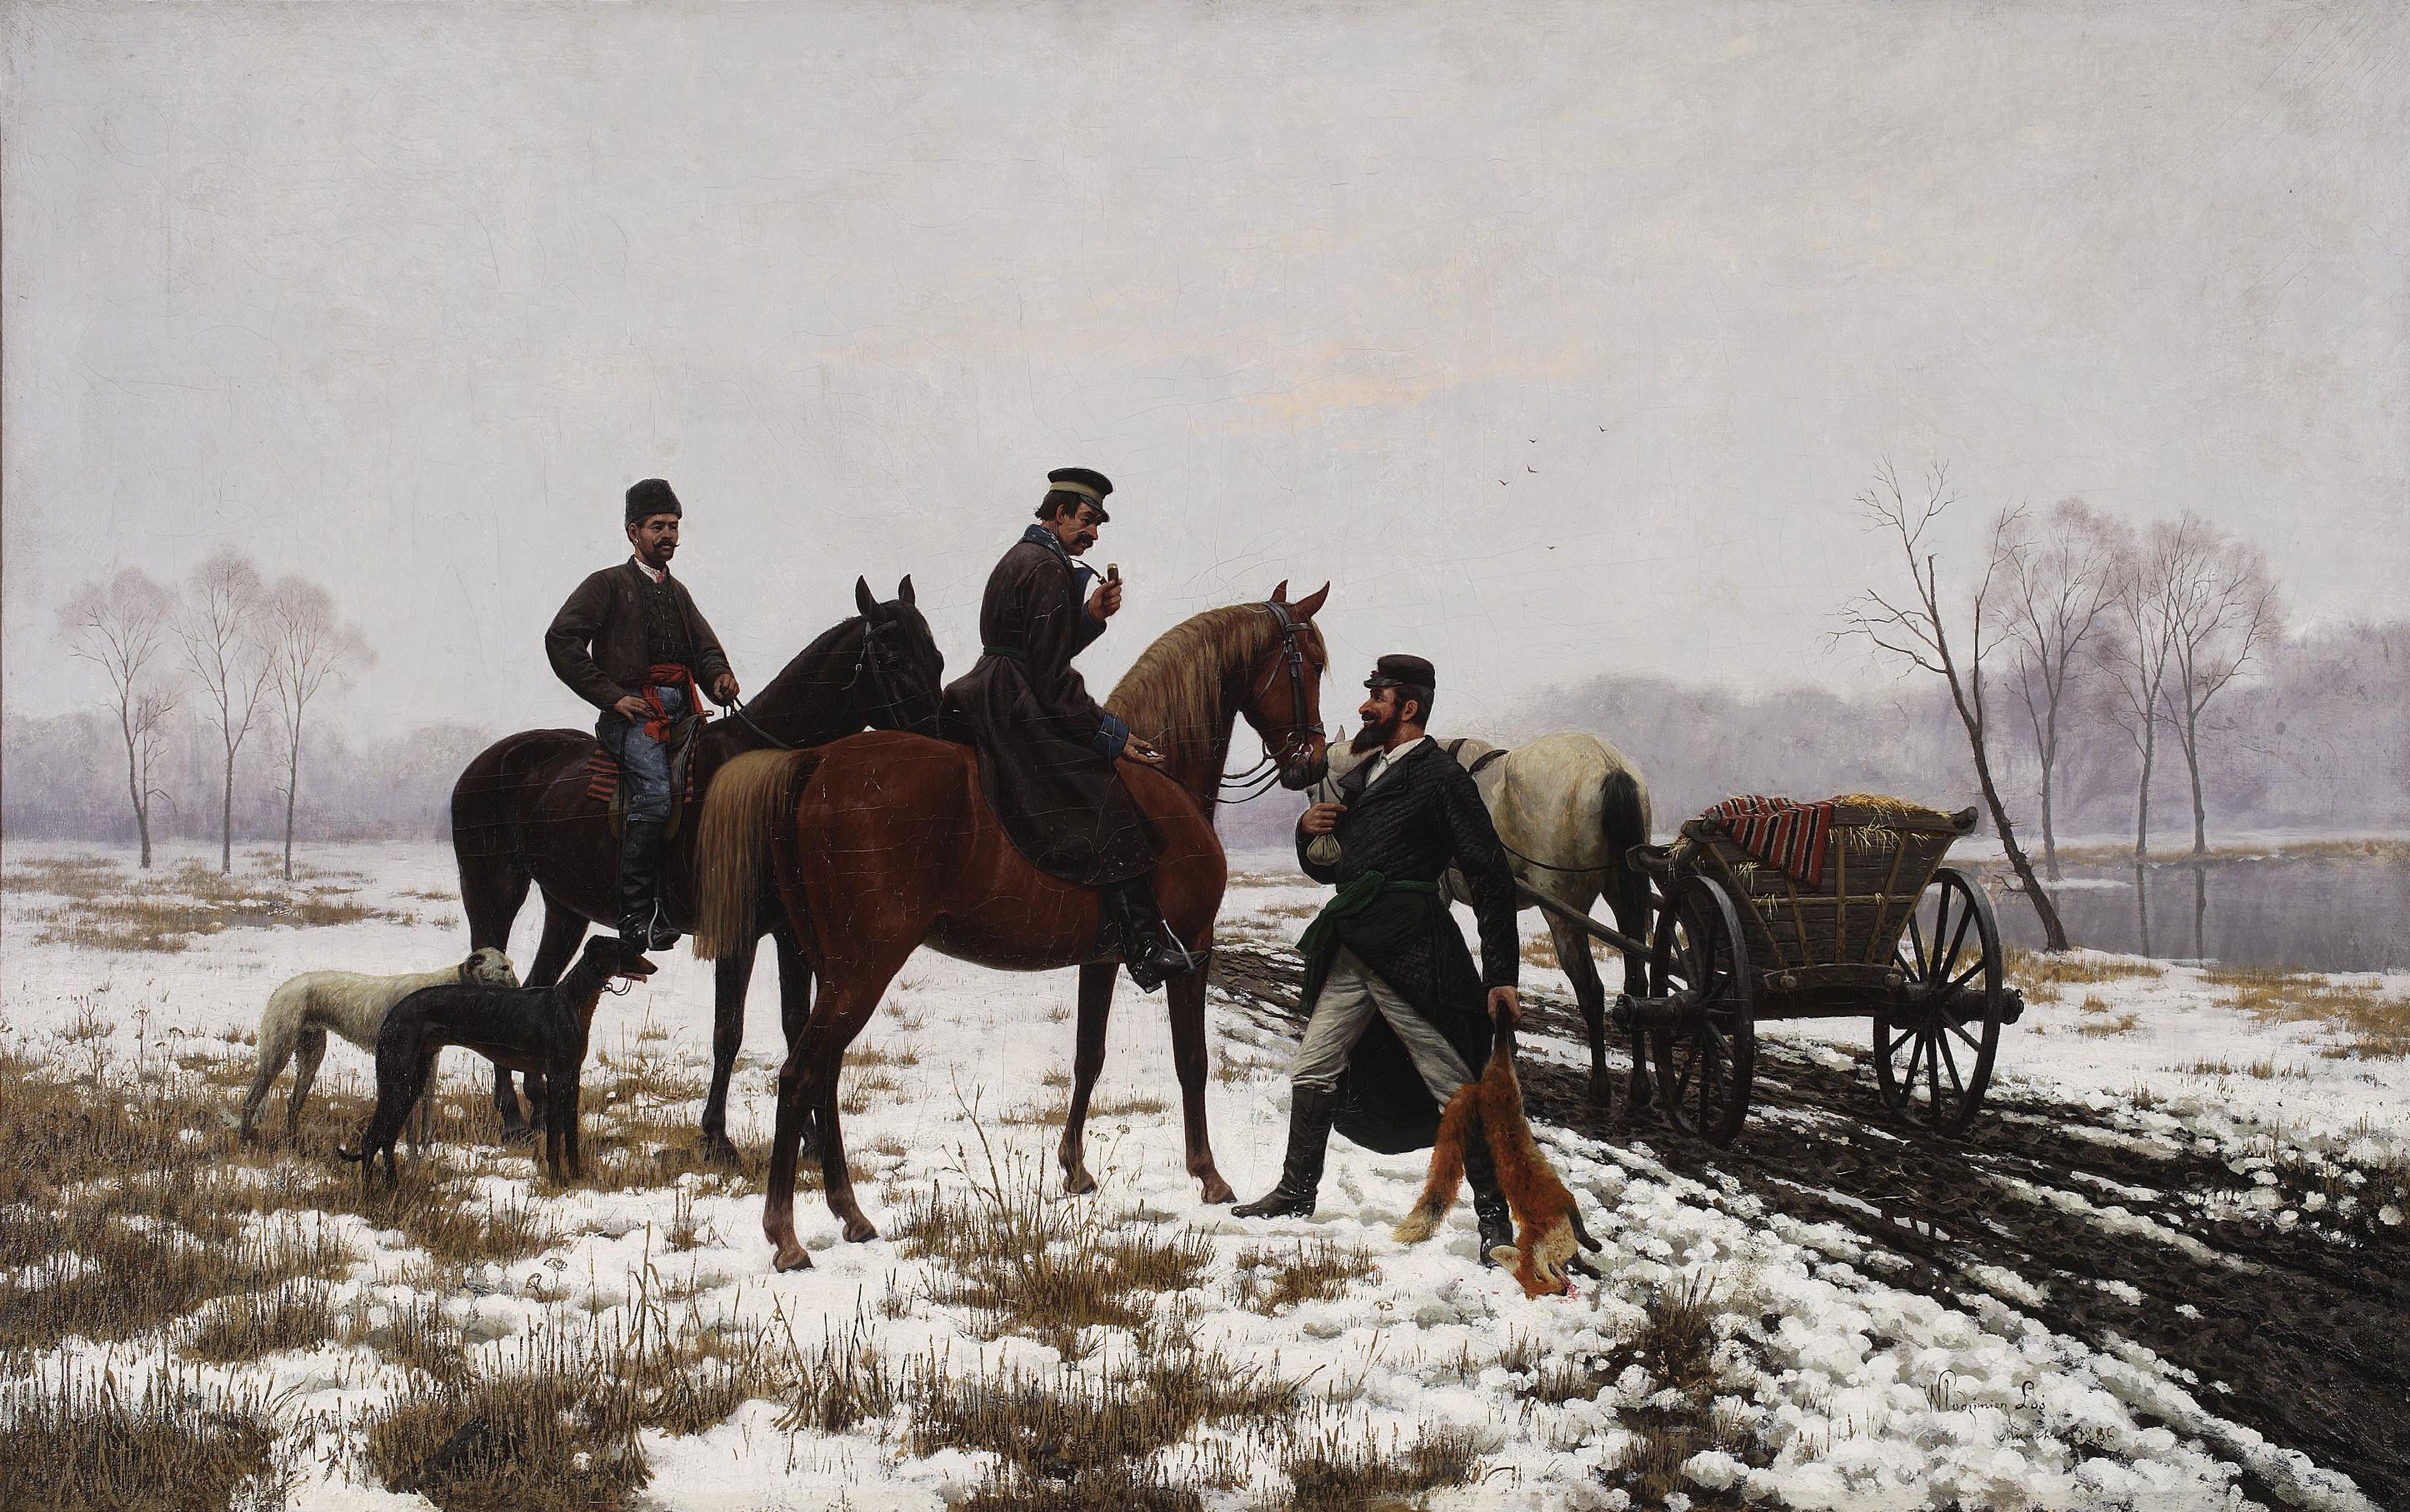 """Włodzimierz Łoś (1849-1888) """"Dojeżdżacze odsprzedają handlarzom zaszczutego lisa"""", 1886 rok, źródło: Muzeum Narodowe w Warszawie"""